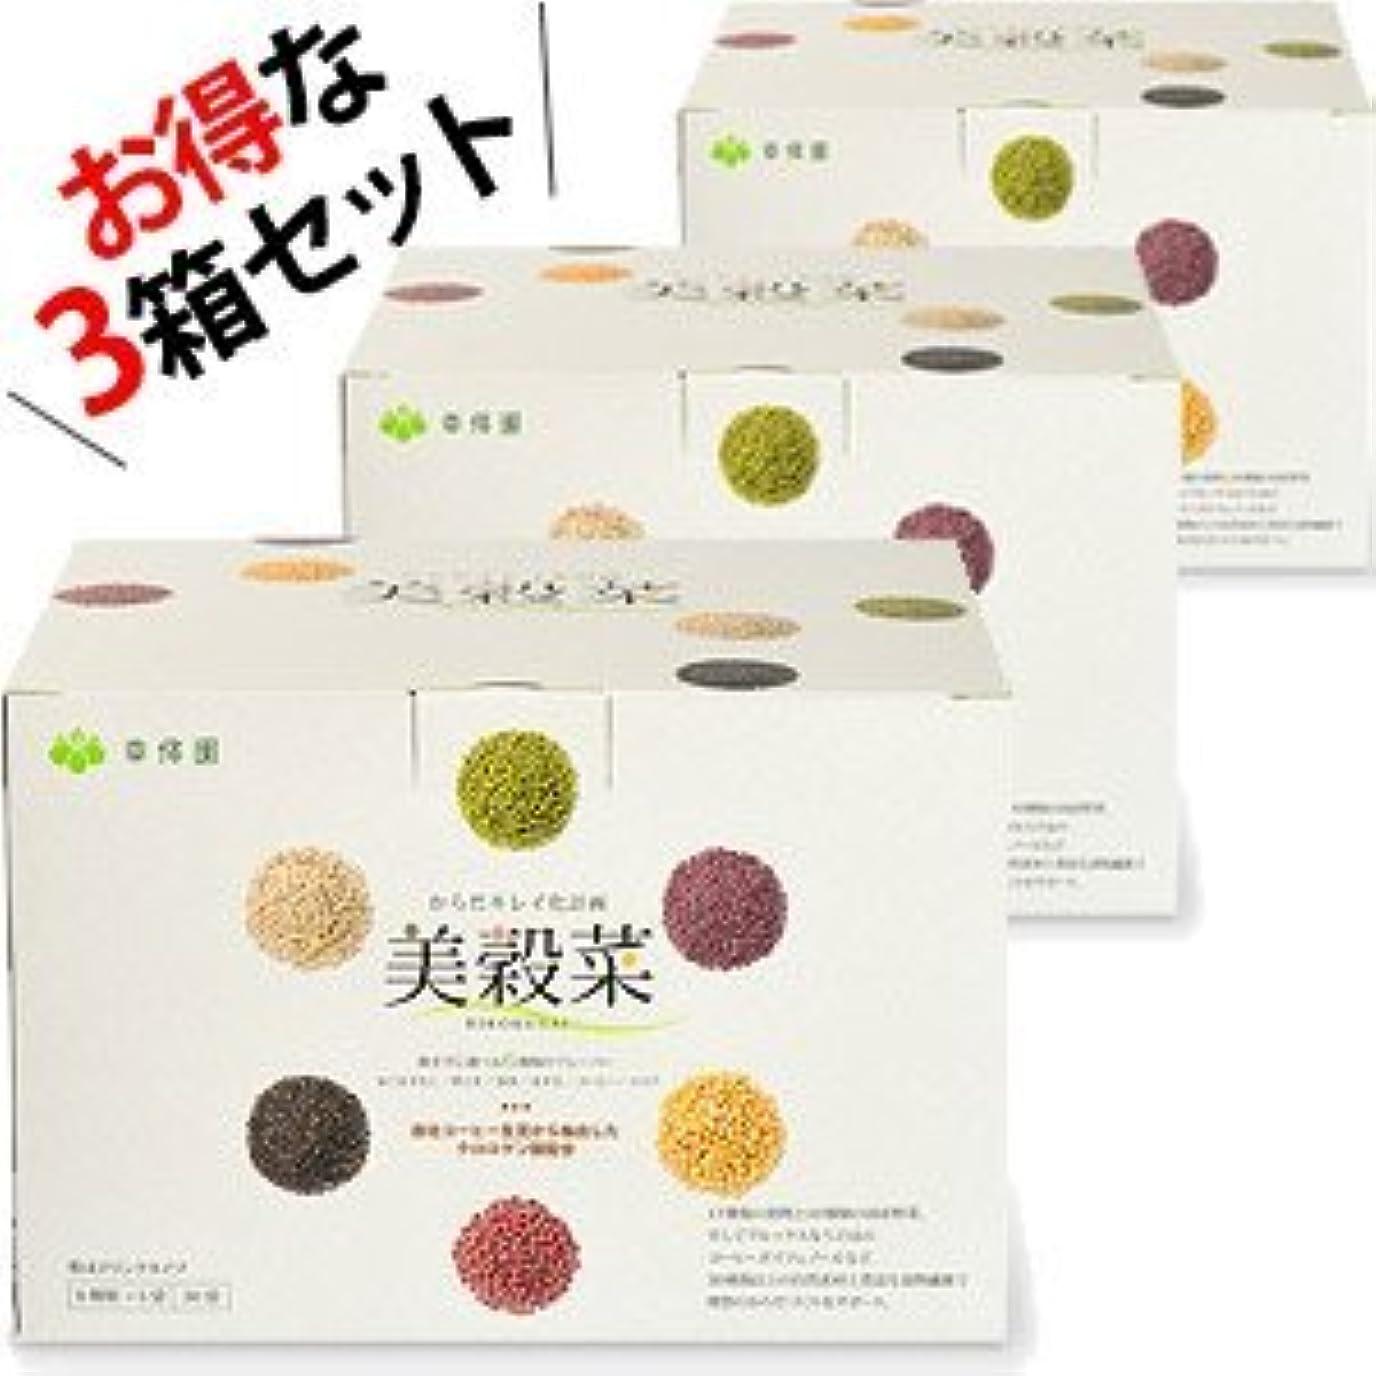 無実バレル電池ブルックス 美穀菜(びこくさい) 3箱セット(シェーカー付き)